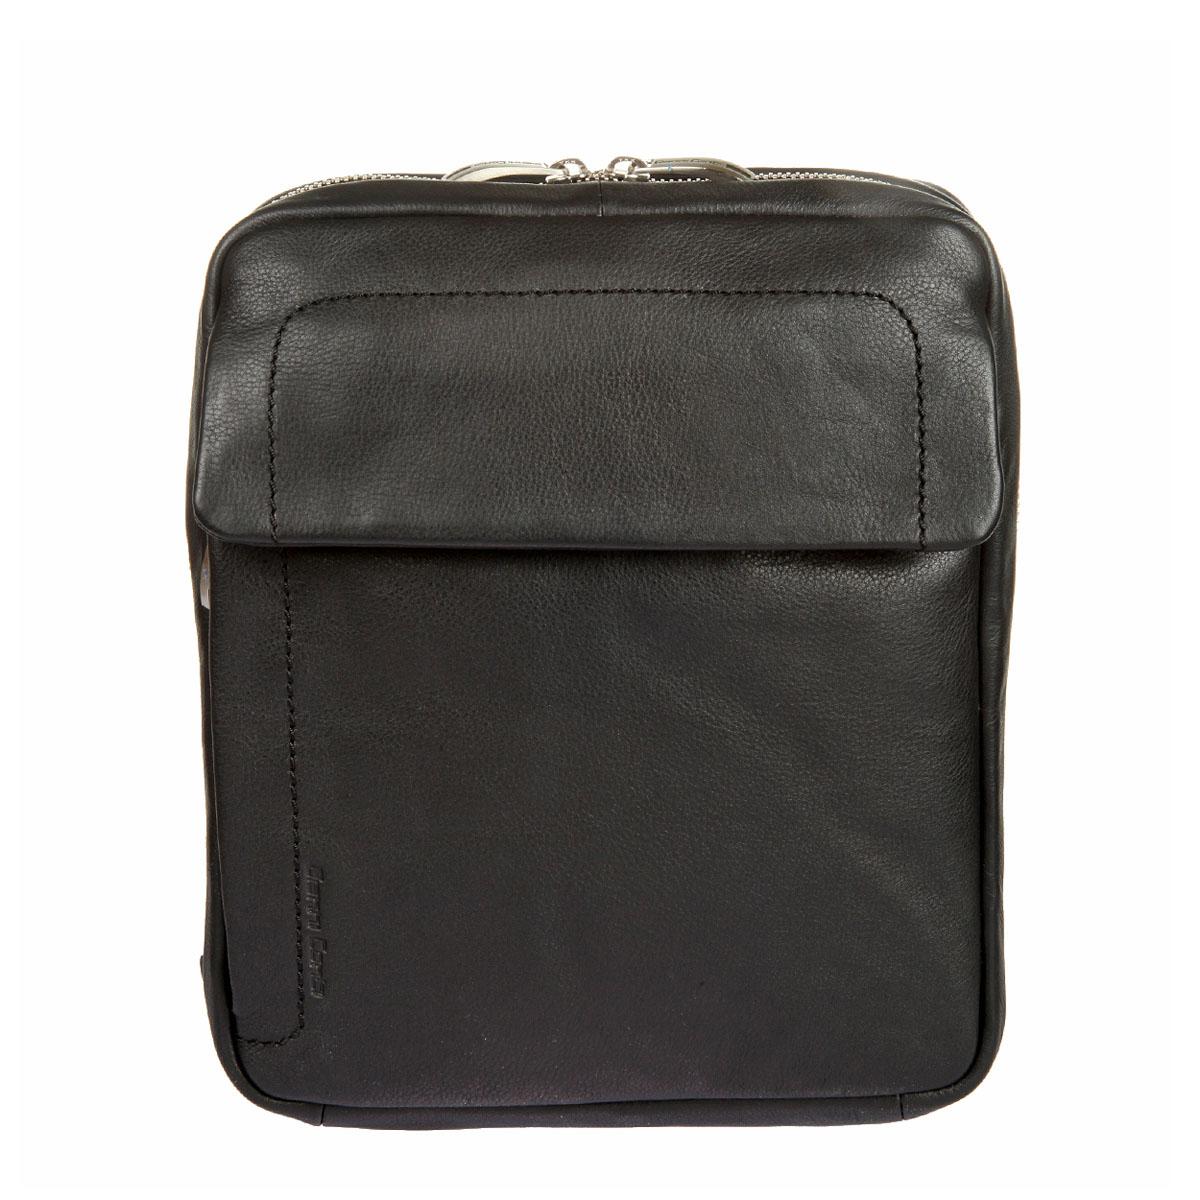 Сумка-планшет мужская Gianni Conti, цвет: черный. 16023311602331 blackСтильная мужская сумка-планшет Gianni Conti выполнена из натуральной кожи. Изделие имеет одно основное отделение, которое закрывается на застежку-молнию. Внутри имеются два открытых накладных кармана, мягкий карман для планшета, прорезной карман на застежке-молнии и два держателя для авторучек. Снаружи, на передней стенке располагается накладной карман, закрывающийся на клапан с магнитной кнопкой, и прорезной карман на застежке-молнии. На задней стенке предусмотрен дополнительный прорезной карман на застежке-молнии. Модель оснащена плечевым ремнем, который регулируется по длине. В комплект входит фирменная текстильная сумка для хранения. Роскошная сумка внесет элегантные нотки в ваш образ и подчеркнет ваше отменное чувство стиля.